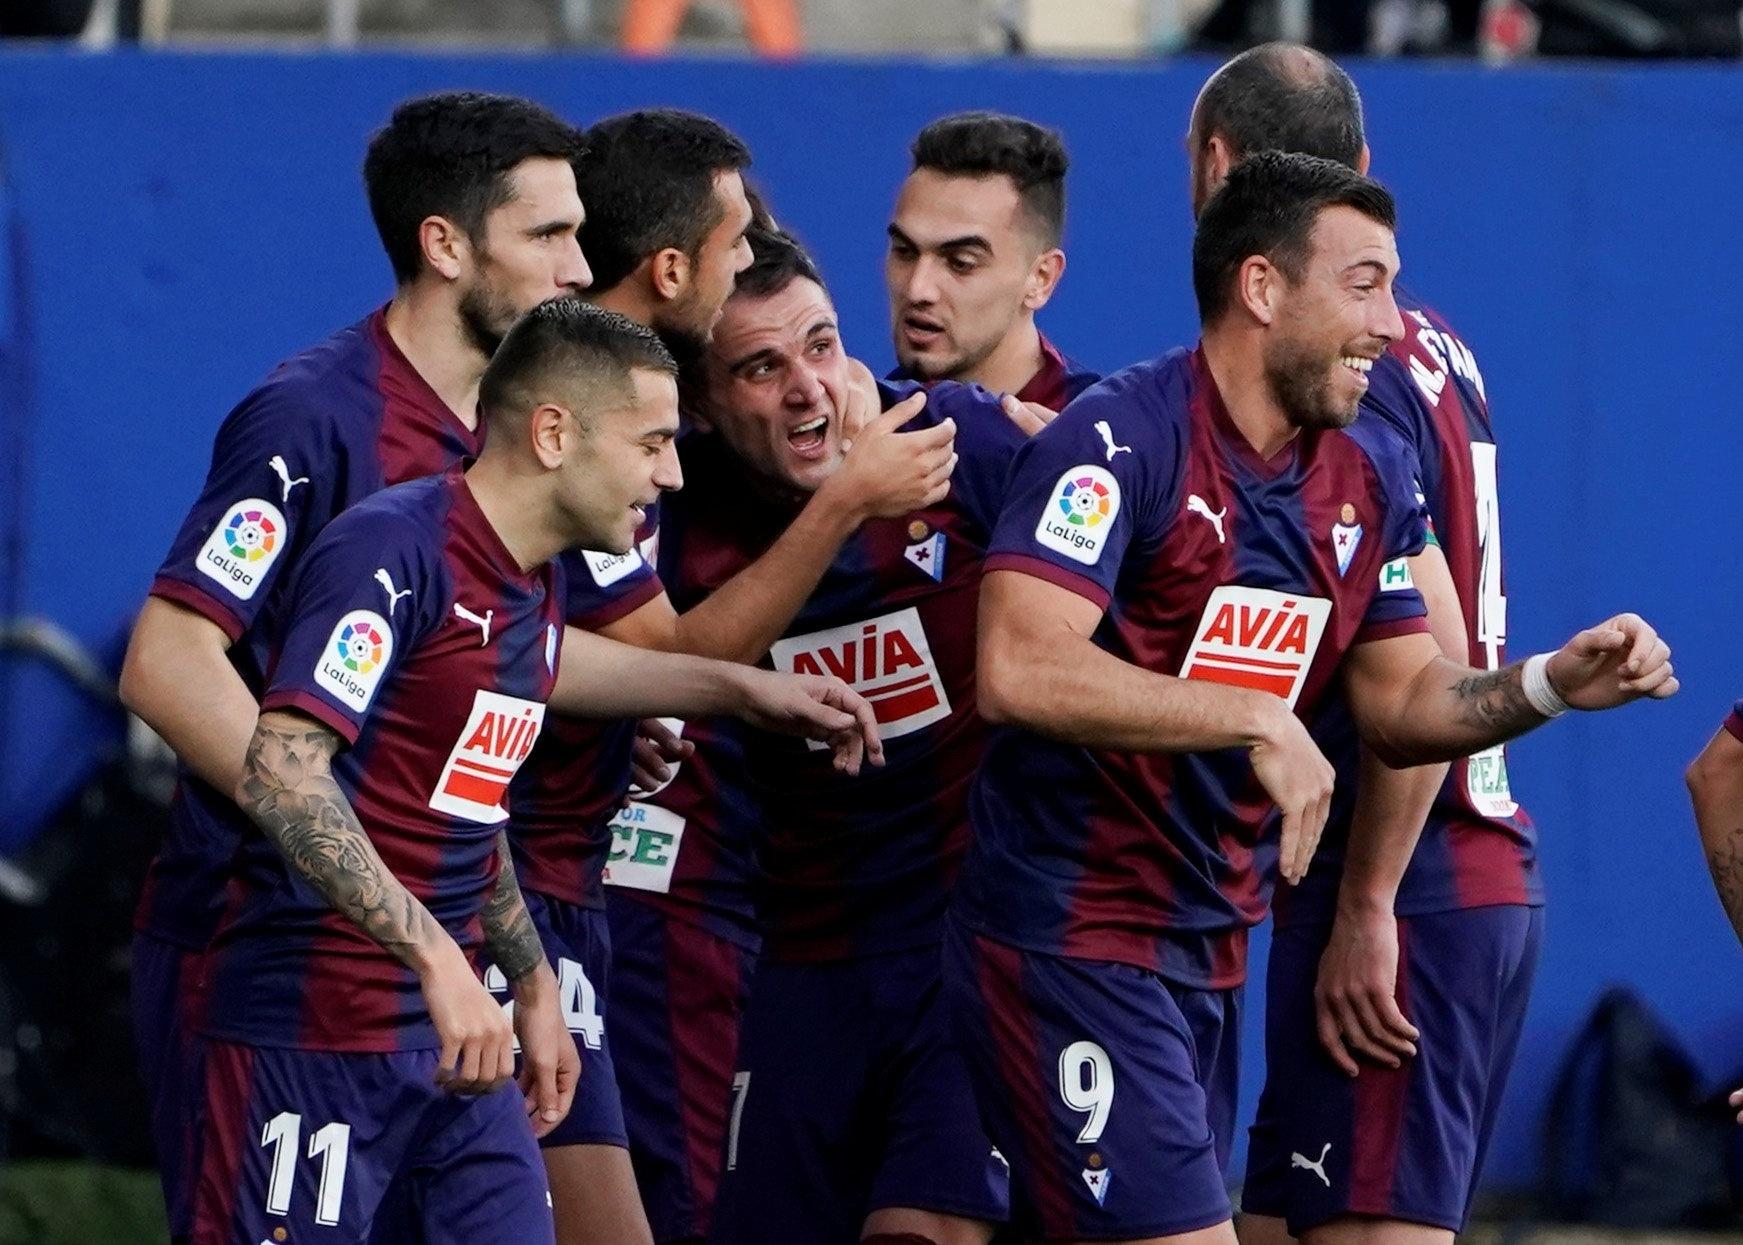 Jogadores do Eibar comemoram o primeiro gol da partida